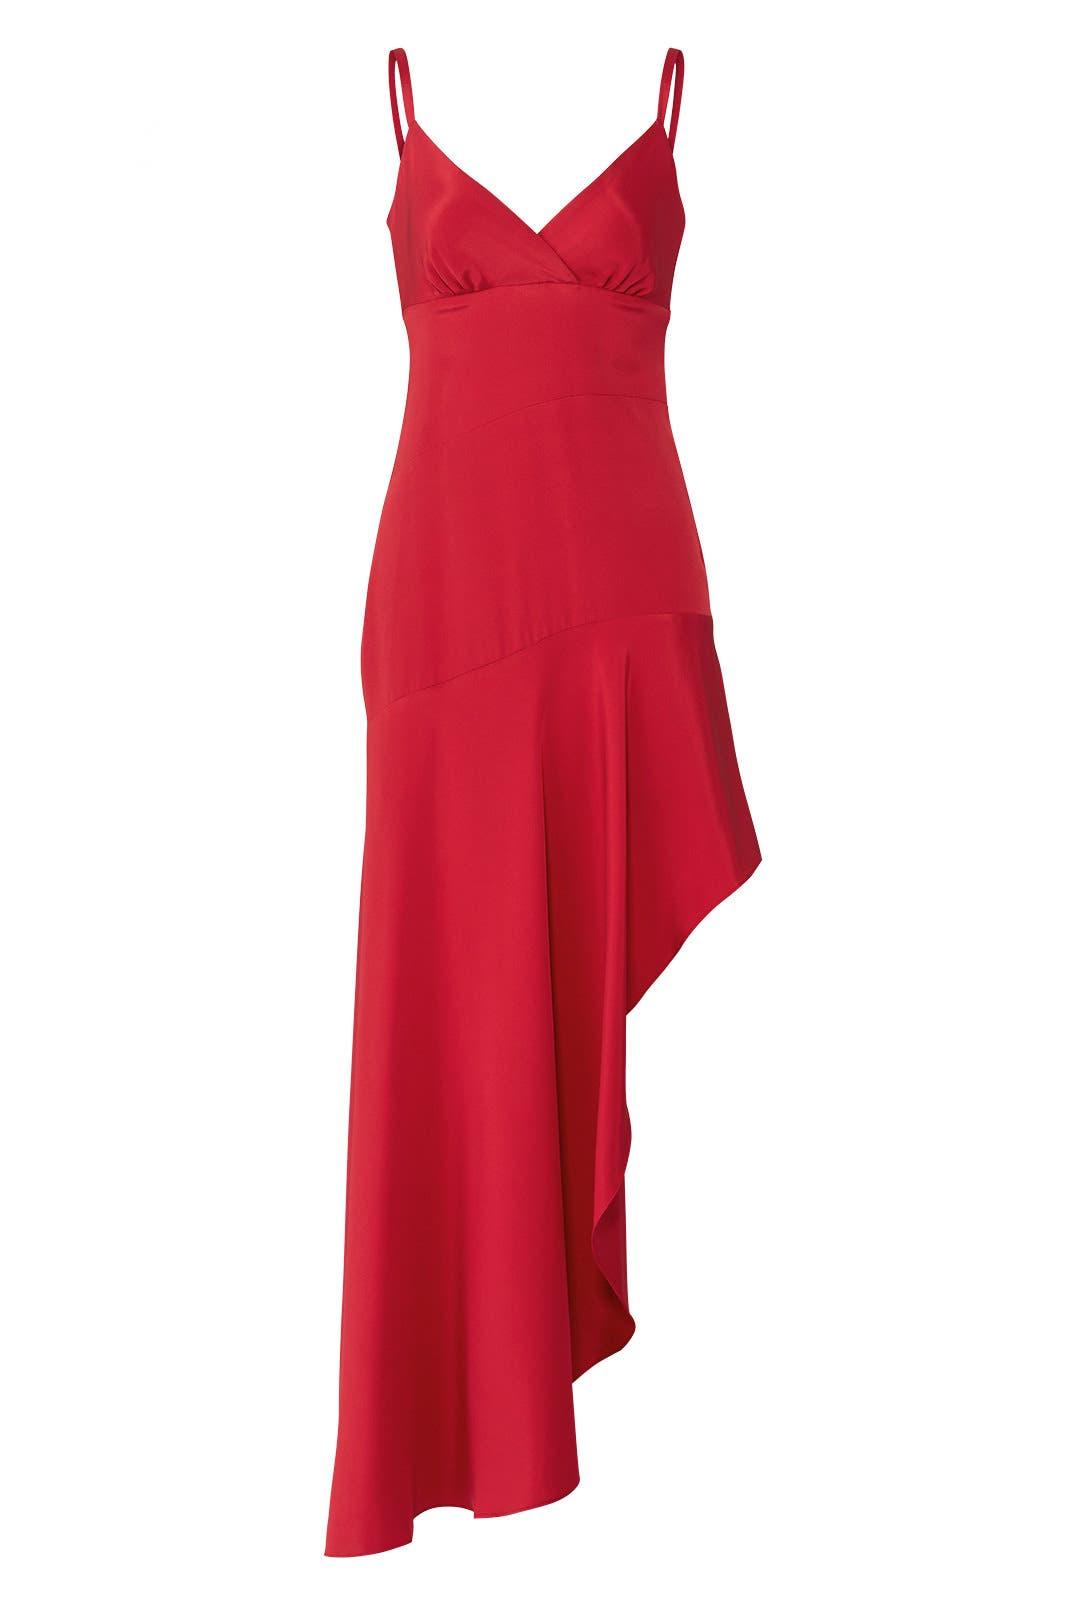 Nicole Miller Tea Length Dresses